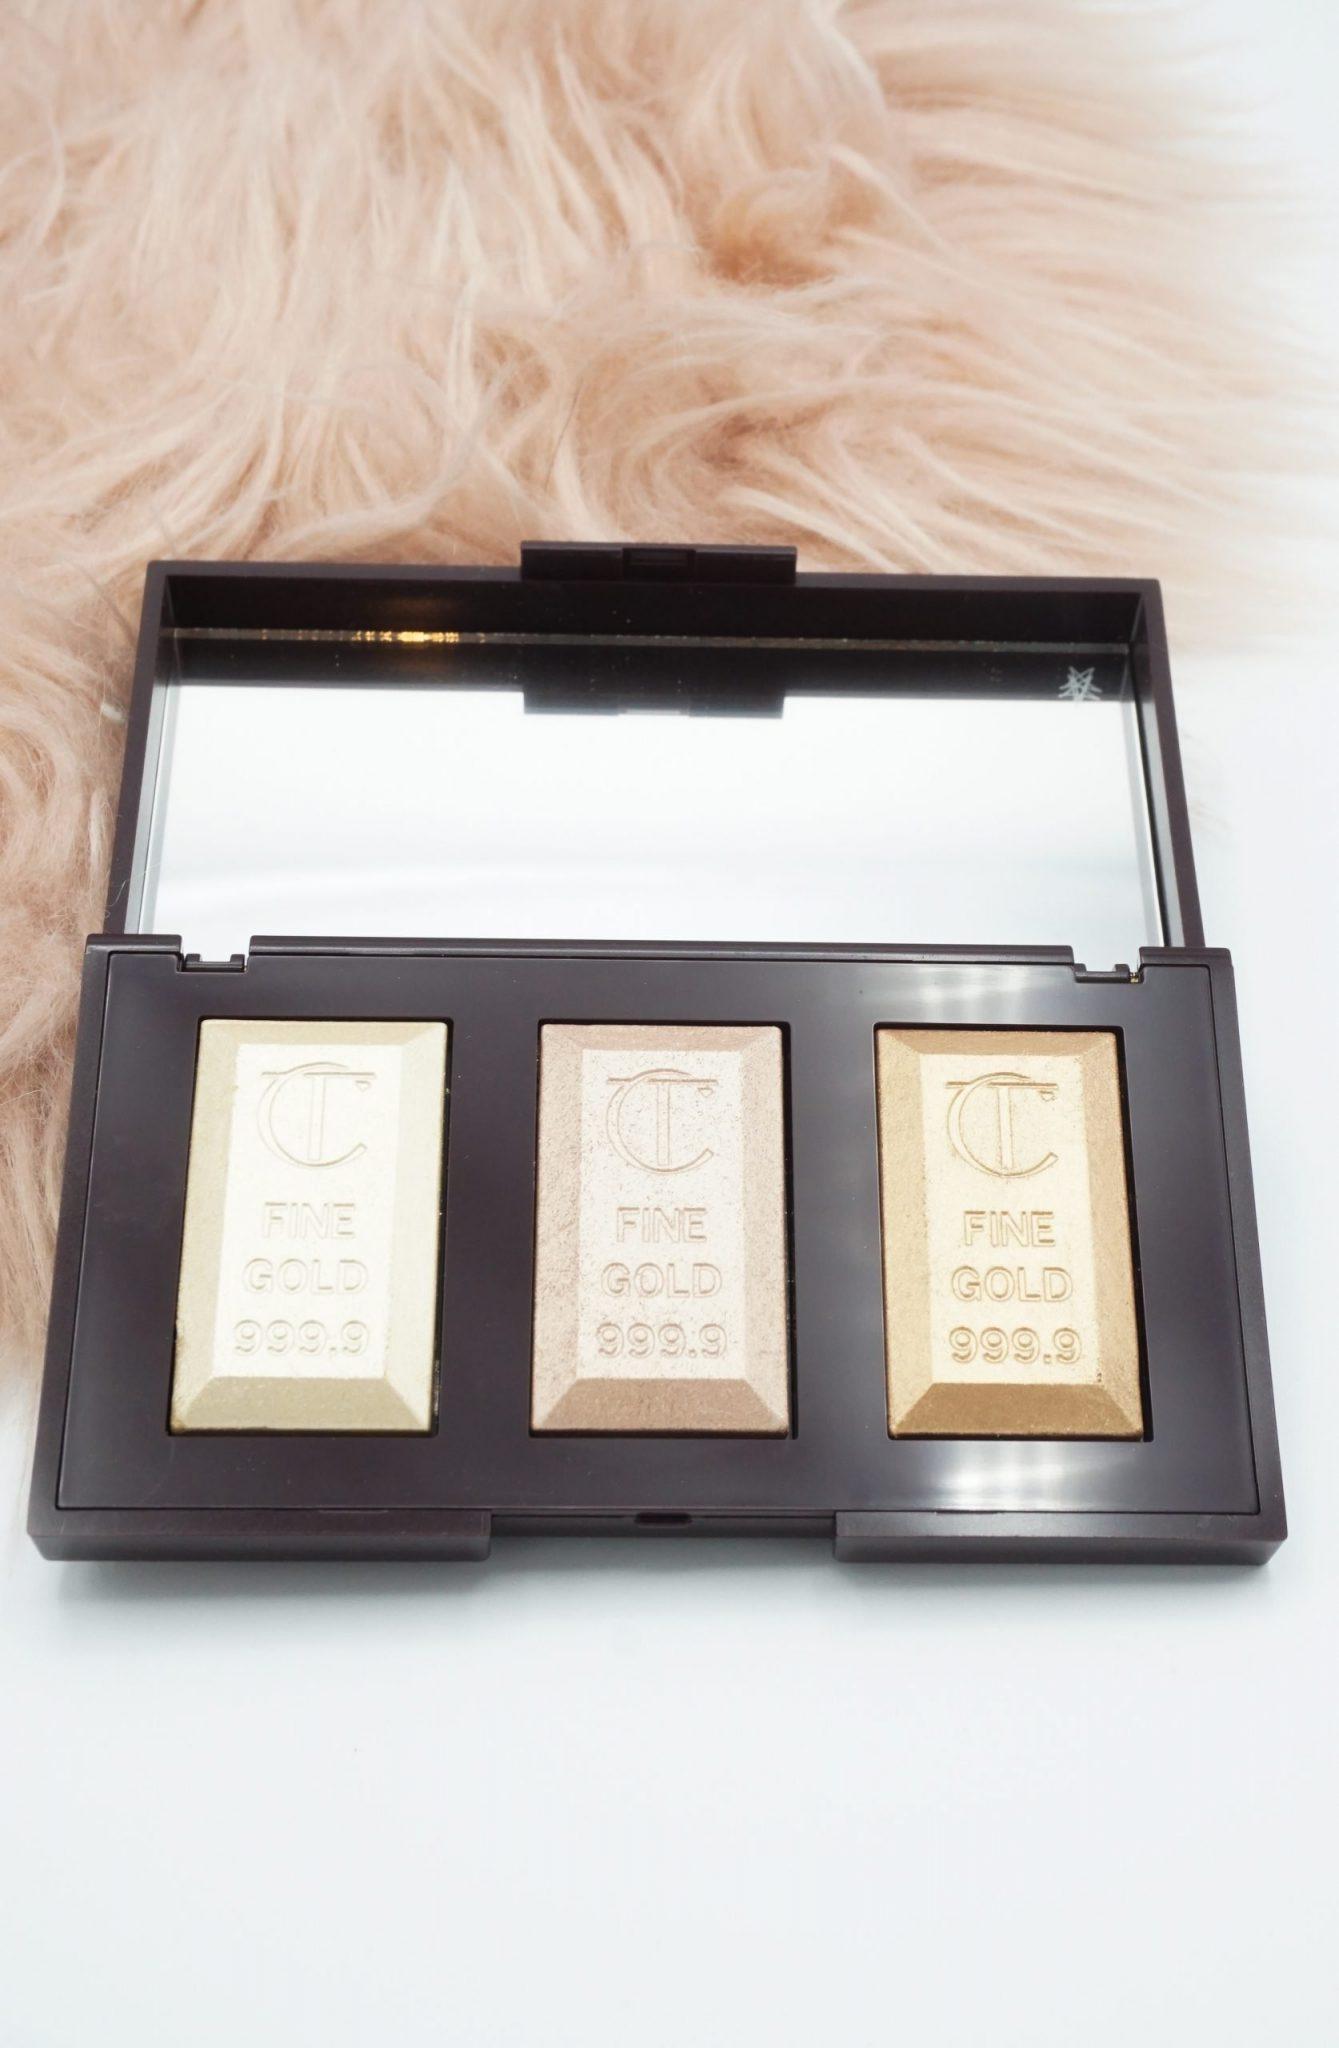 Charlotte Tilbury Bar Of Gold Highlighter Palette Review